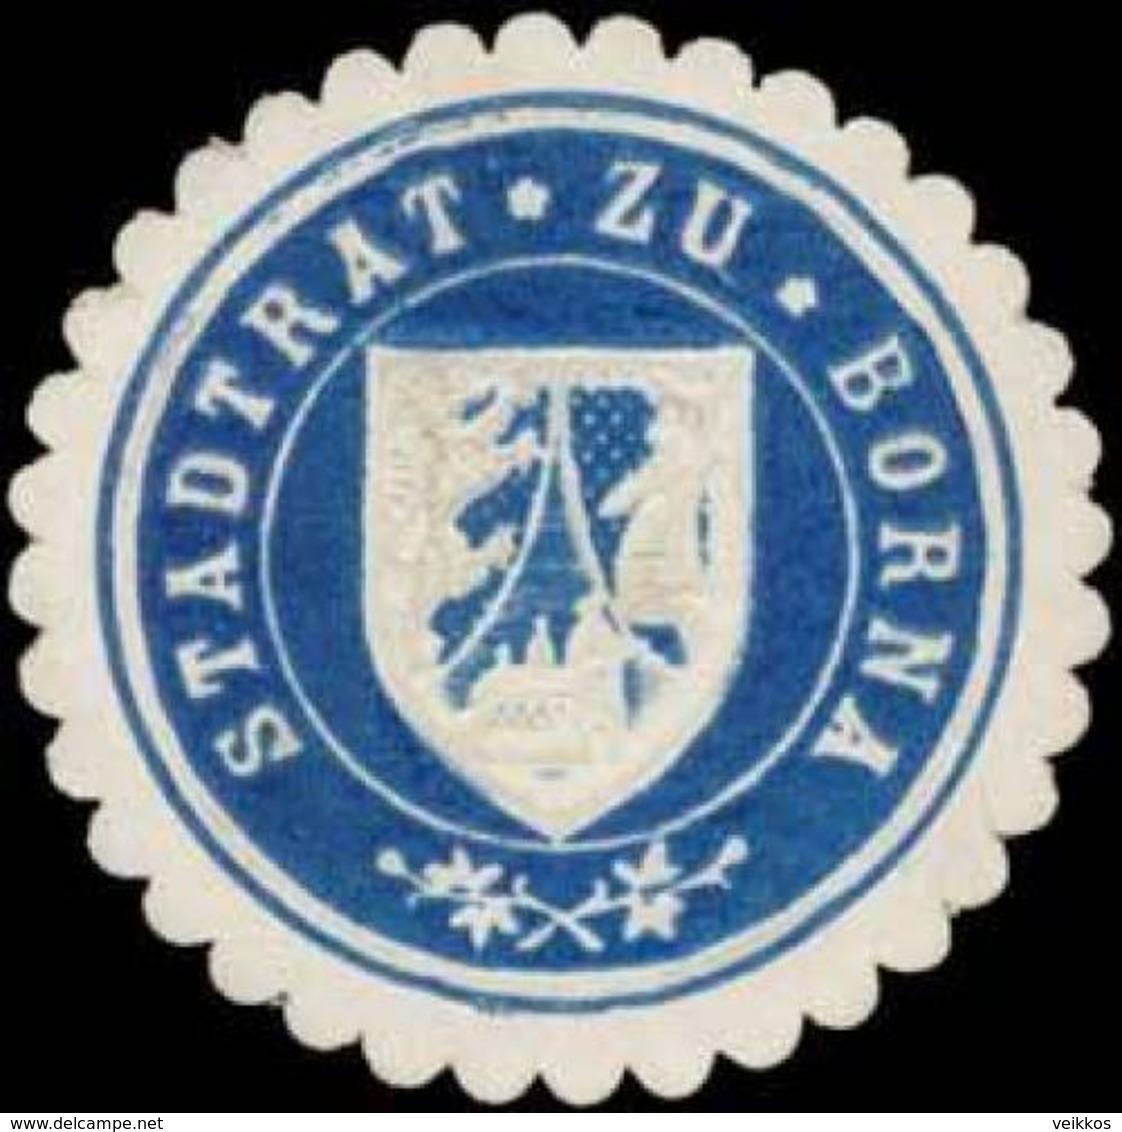 Borna: Stadtrat Zu Borna Siegelmarke - Cinderellas